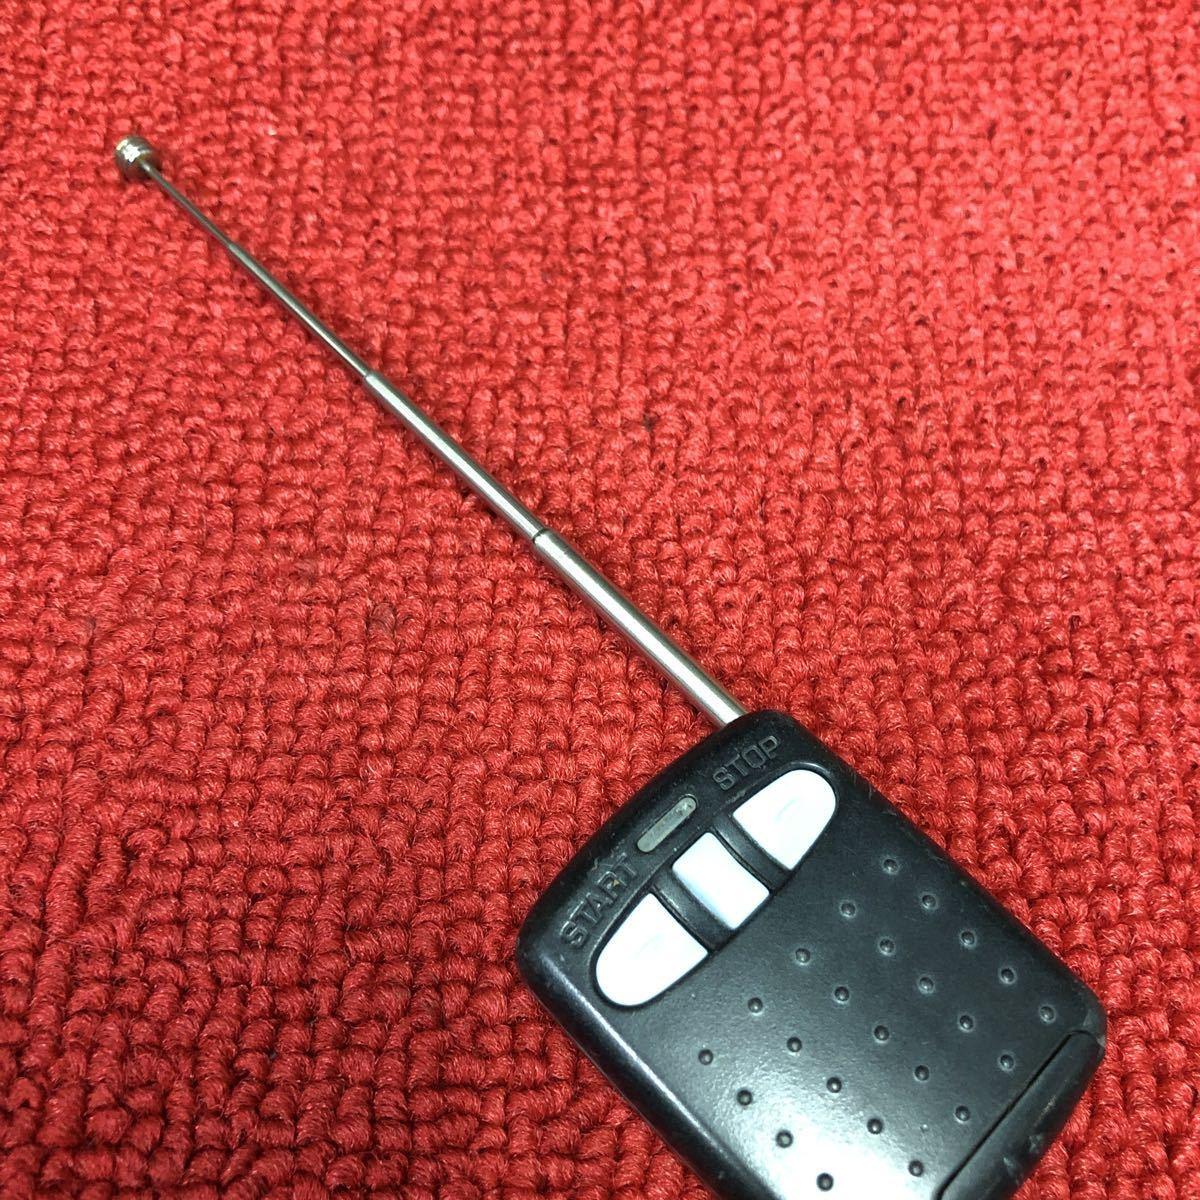 日産 純正 カルソニックカンセイ MSX06 エンジンスターター リモコン 作動確認済 HH498_画像3